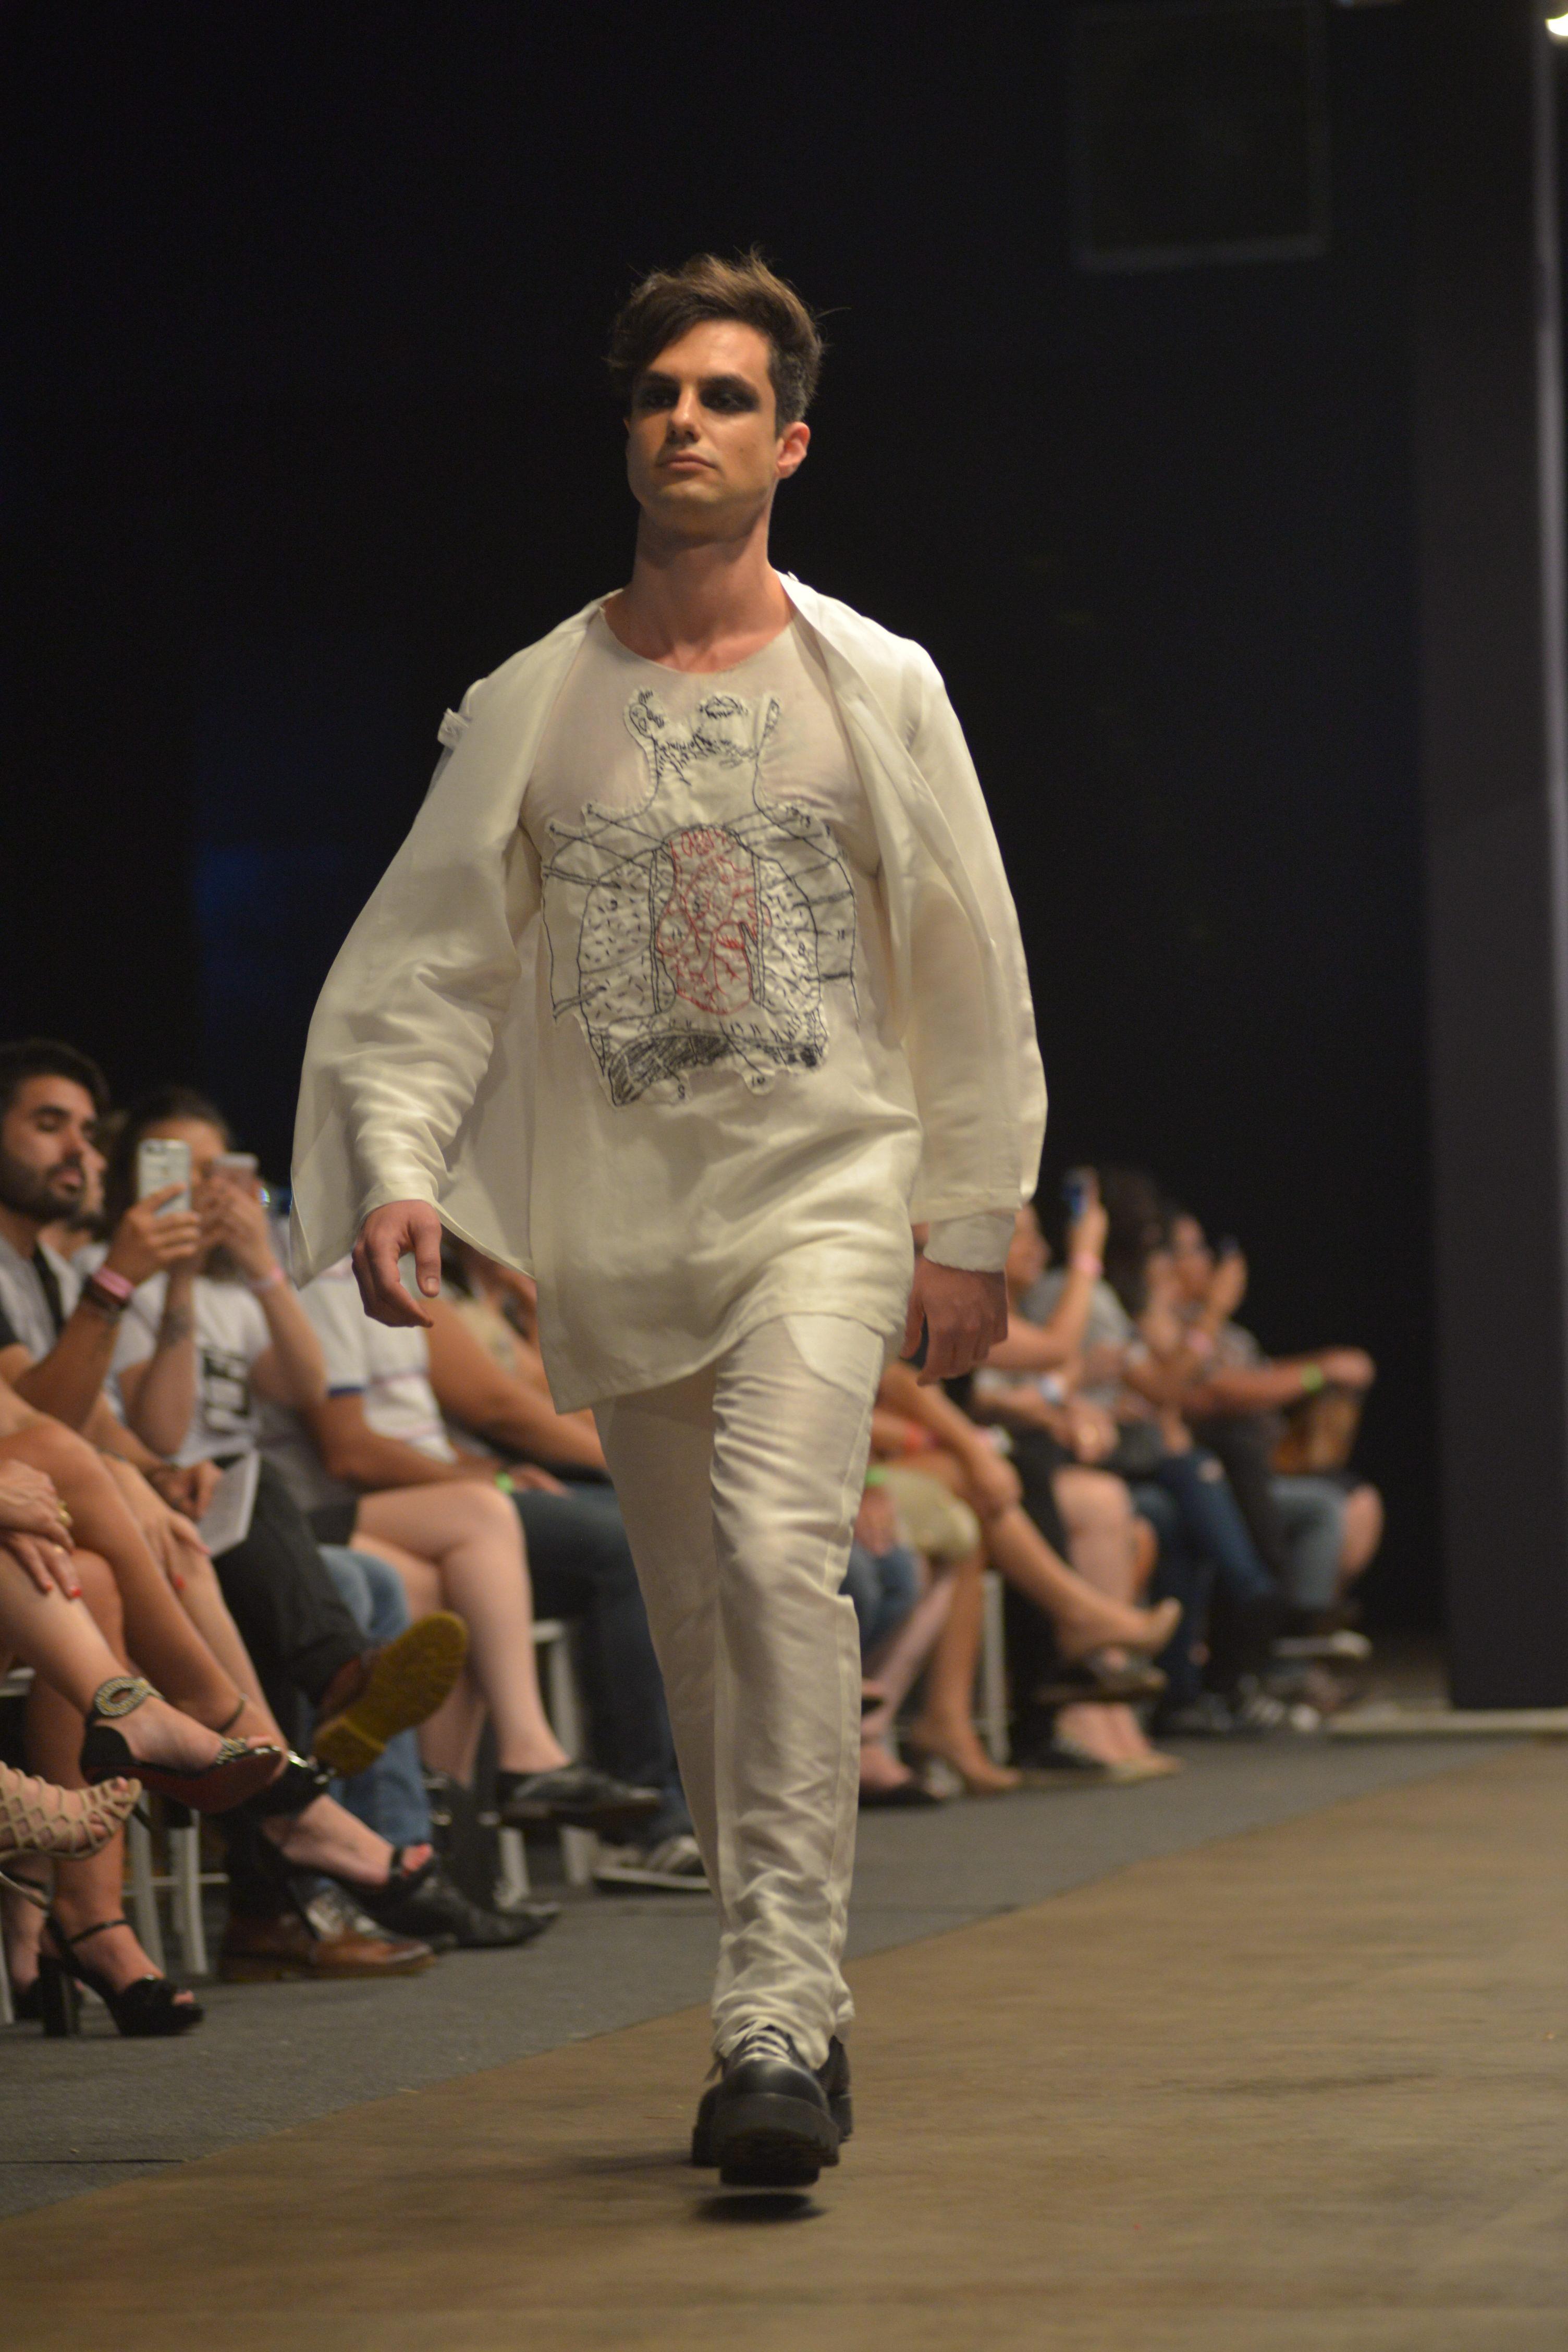 joao-pimenta-colecao-joao-pimenta-inverno-2017-moda-masculina-menswear-blog-de-moda-blogger-ifa-interior-fashion-arts-mens-10